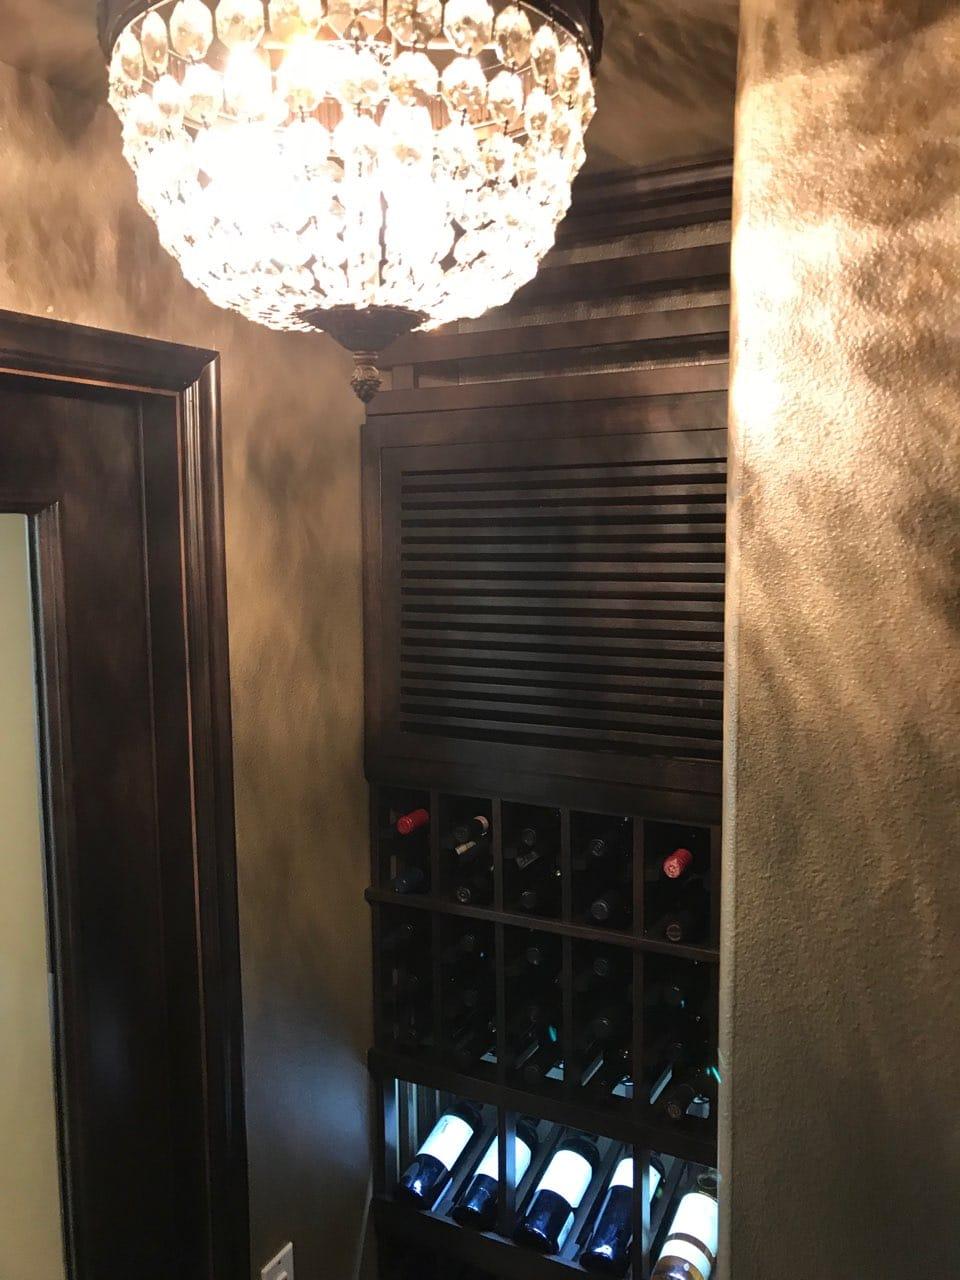 We insulate every custom wine cellar door we install